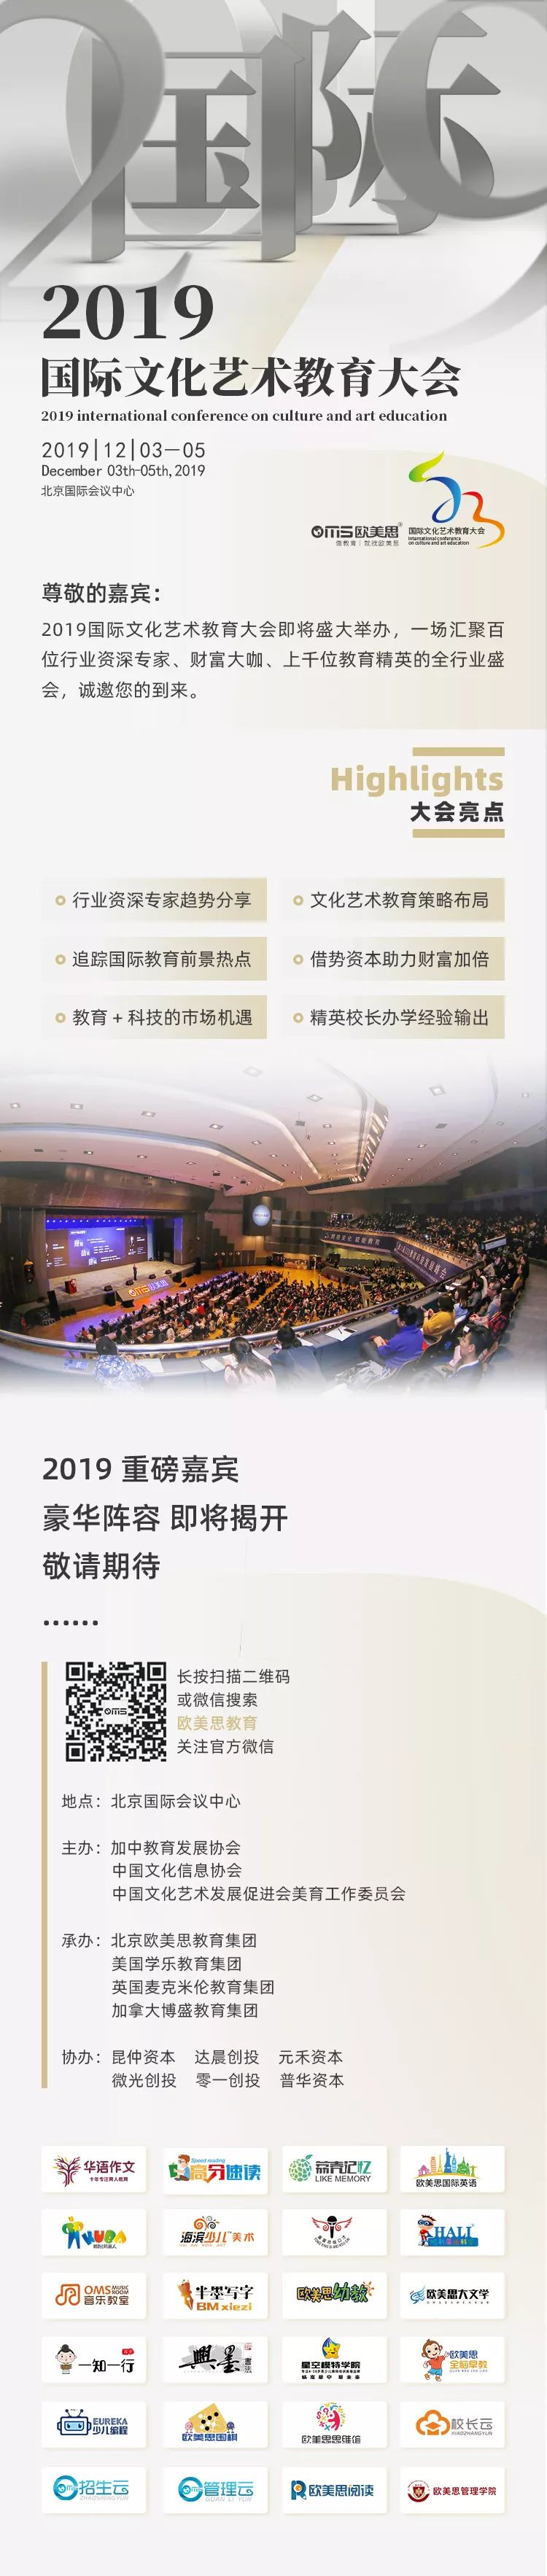 2019年国际文化艺术教育大会 | 认知升维,服务升温